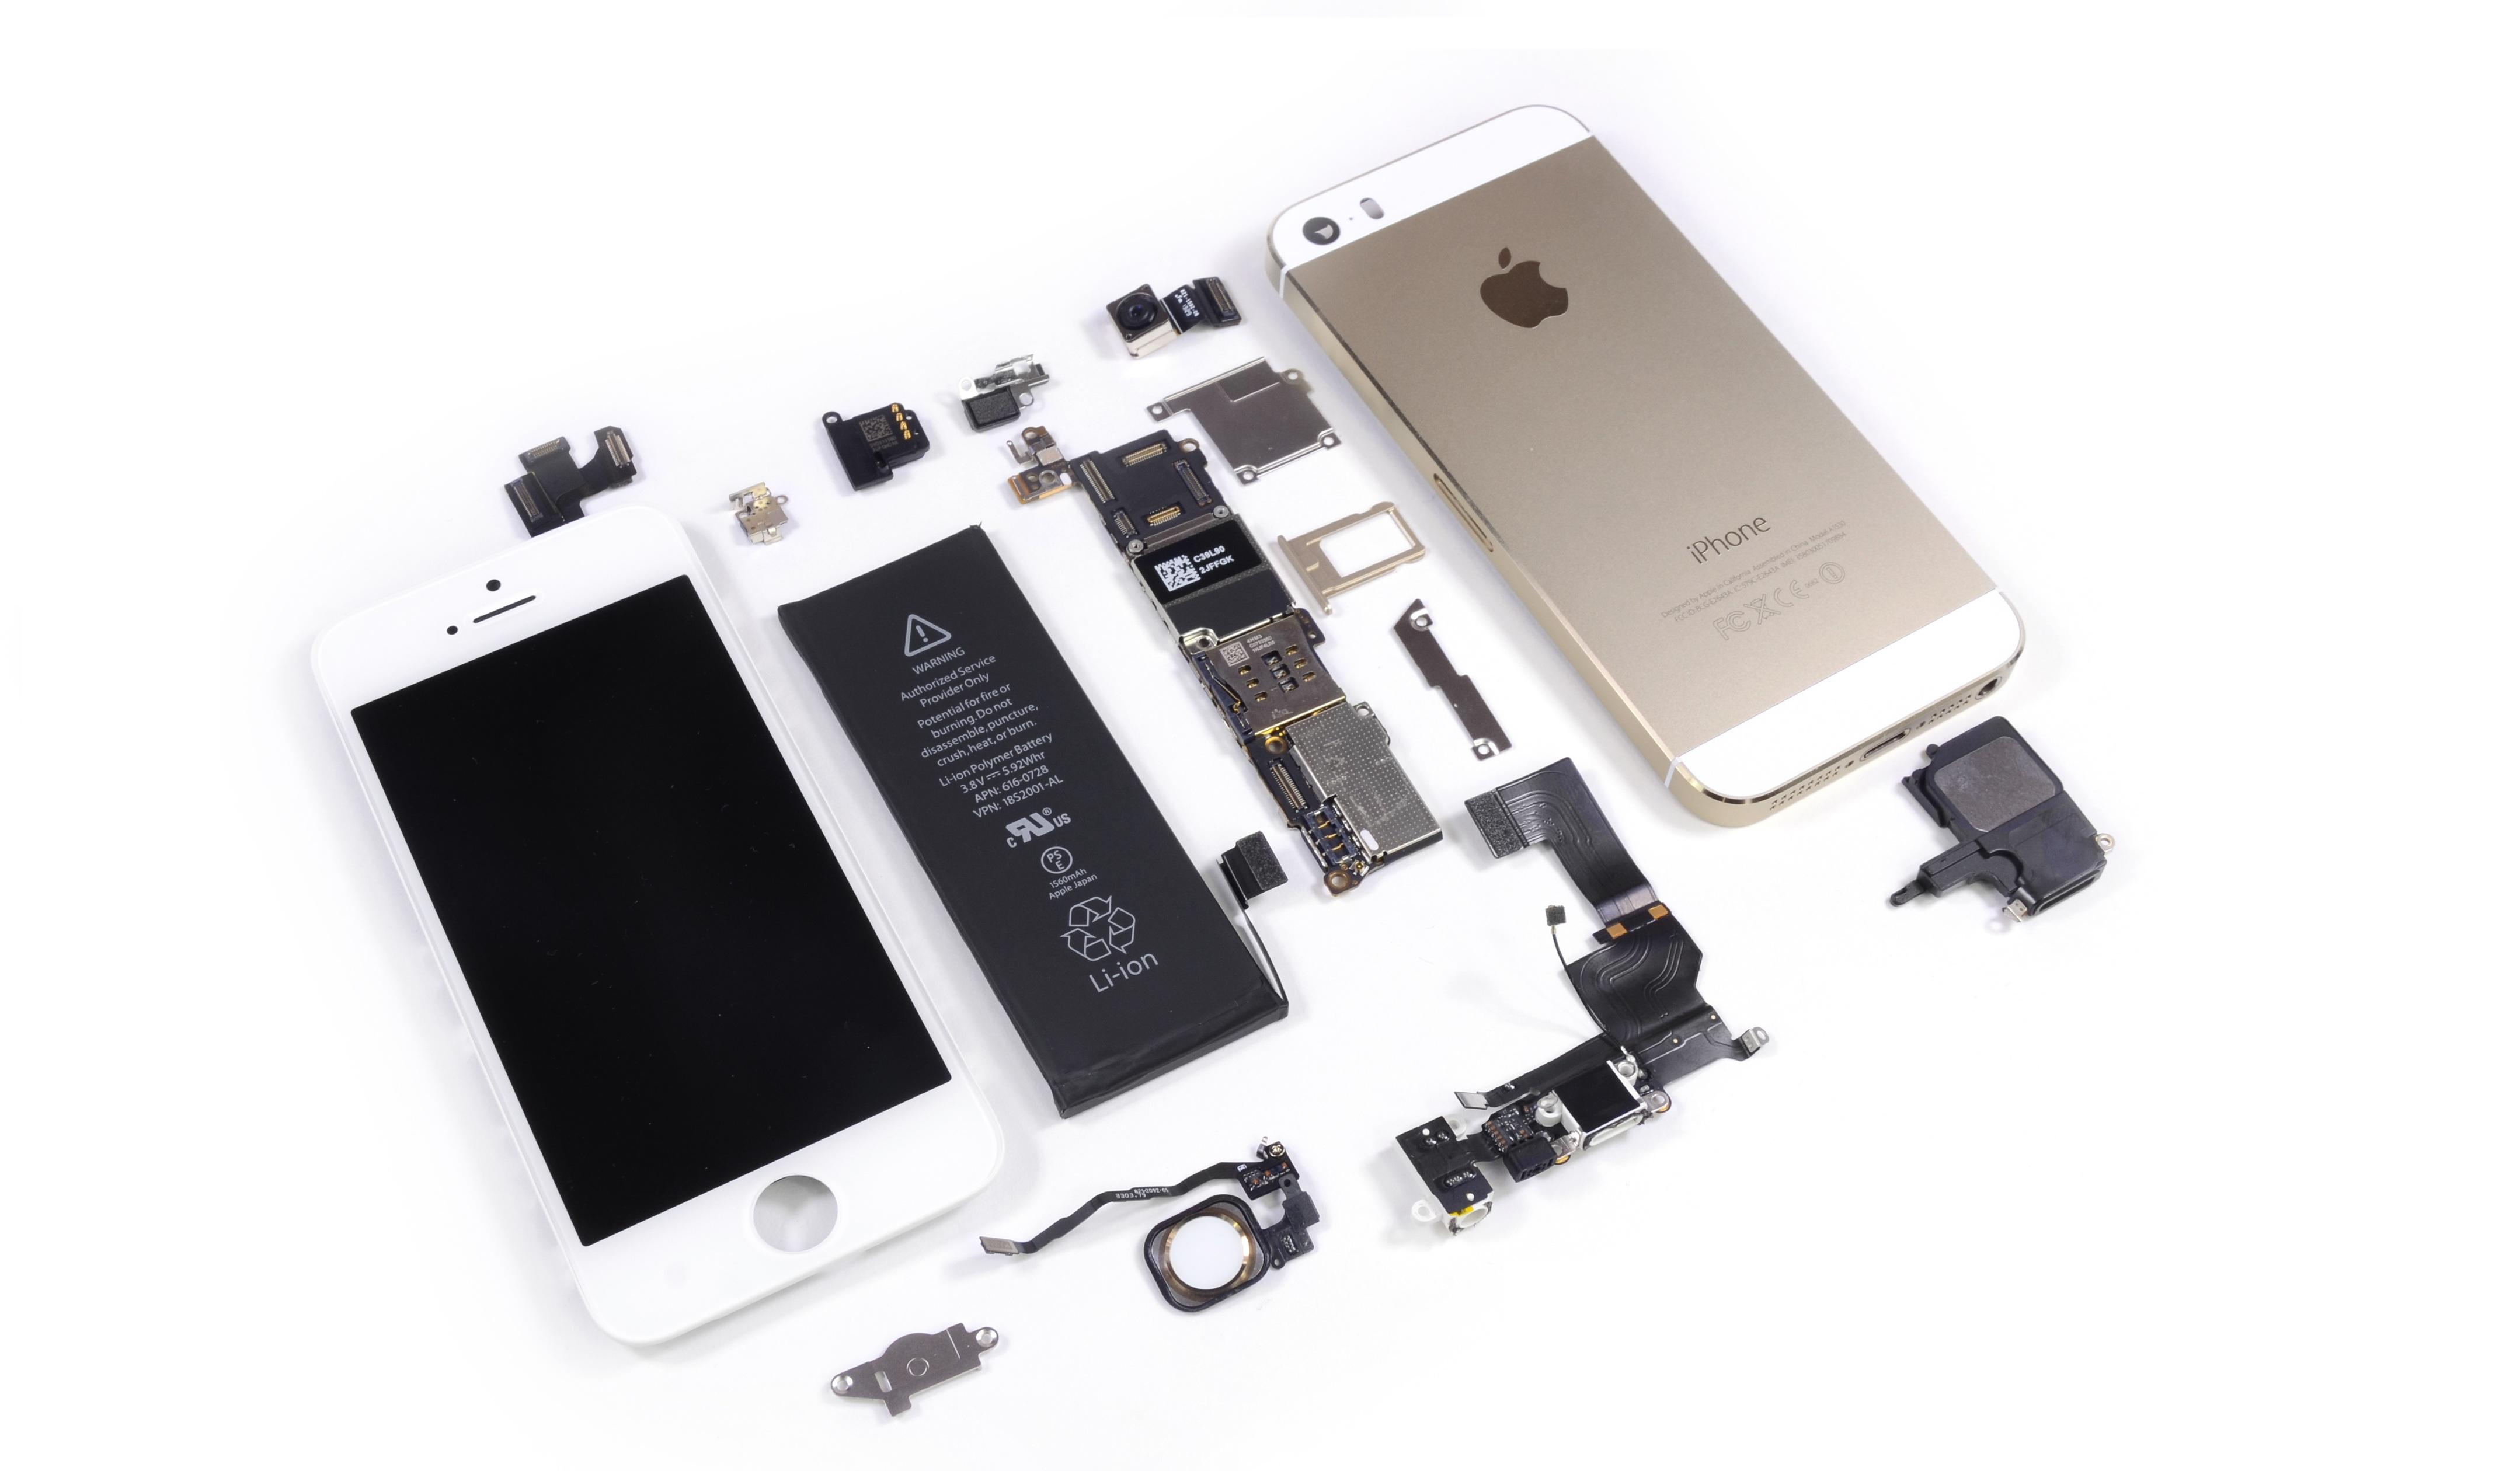 Ремонт сотовых телефонов, прибыль 120 000   Услуги для населения   купить  бизнес, продажа бизнеса da97a5385ba